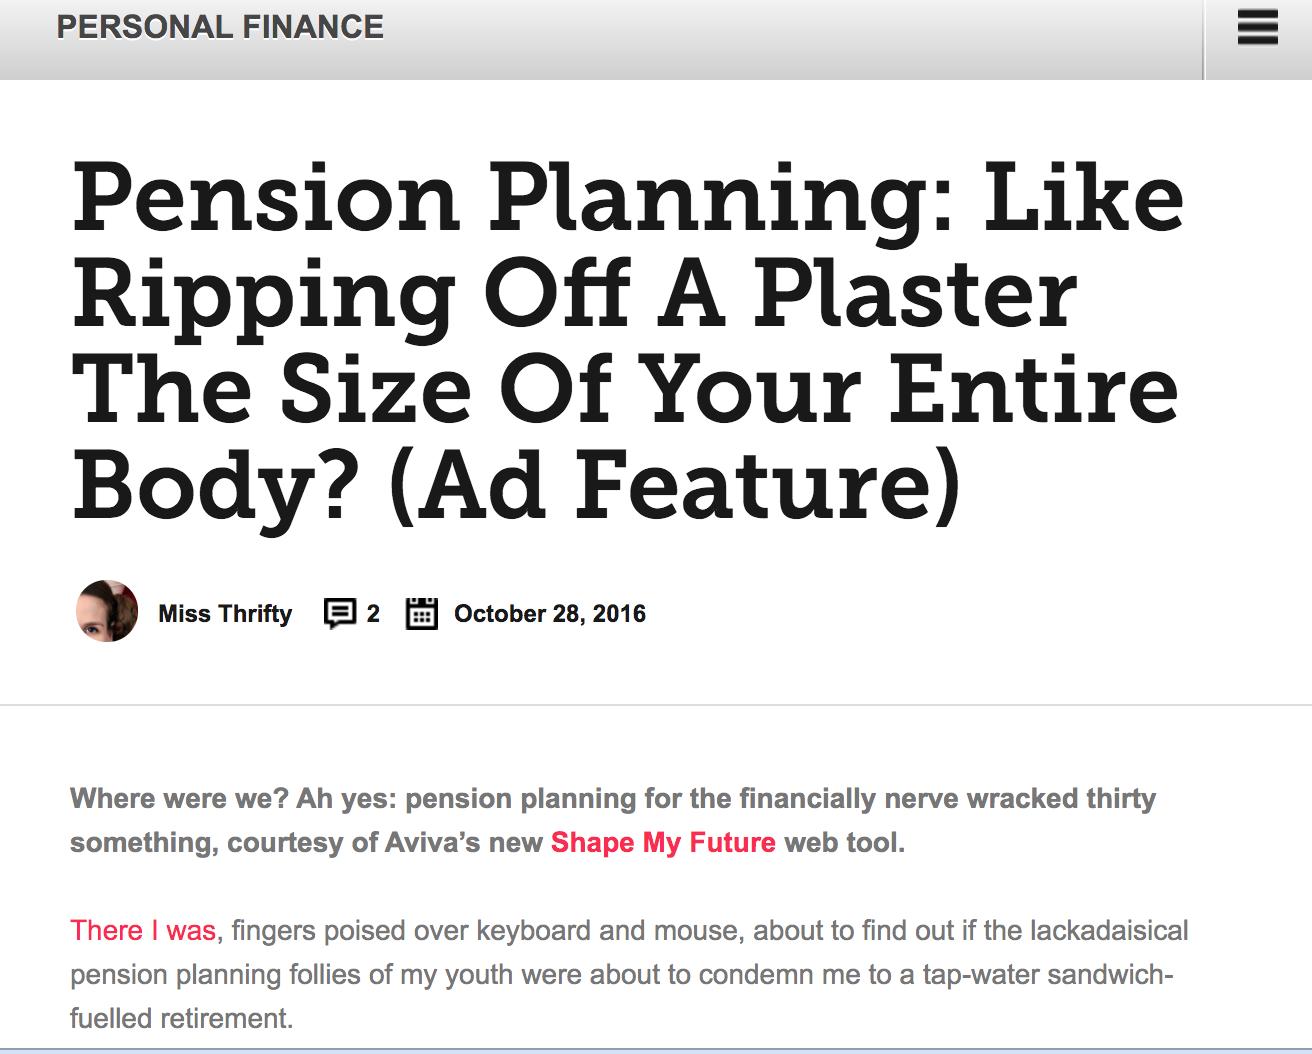 planification de la retraite: comme arracher un pansement de la taille de tout votre corps?